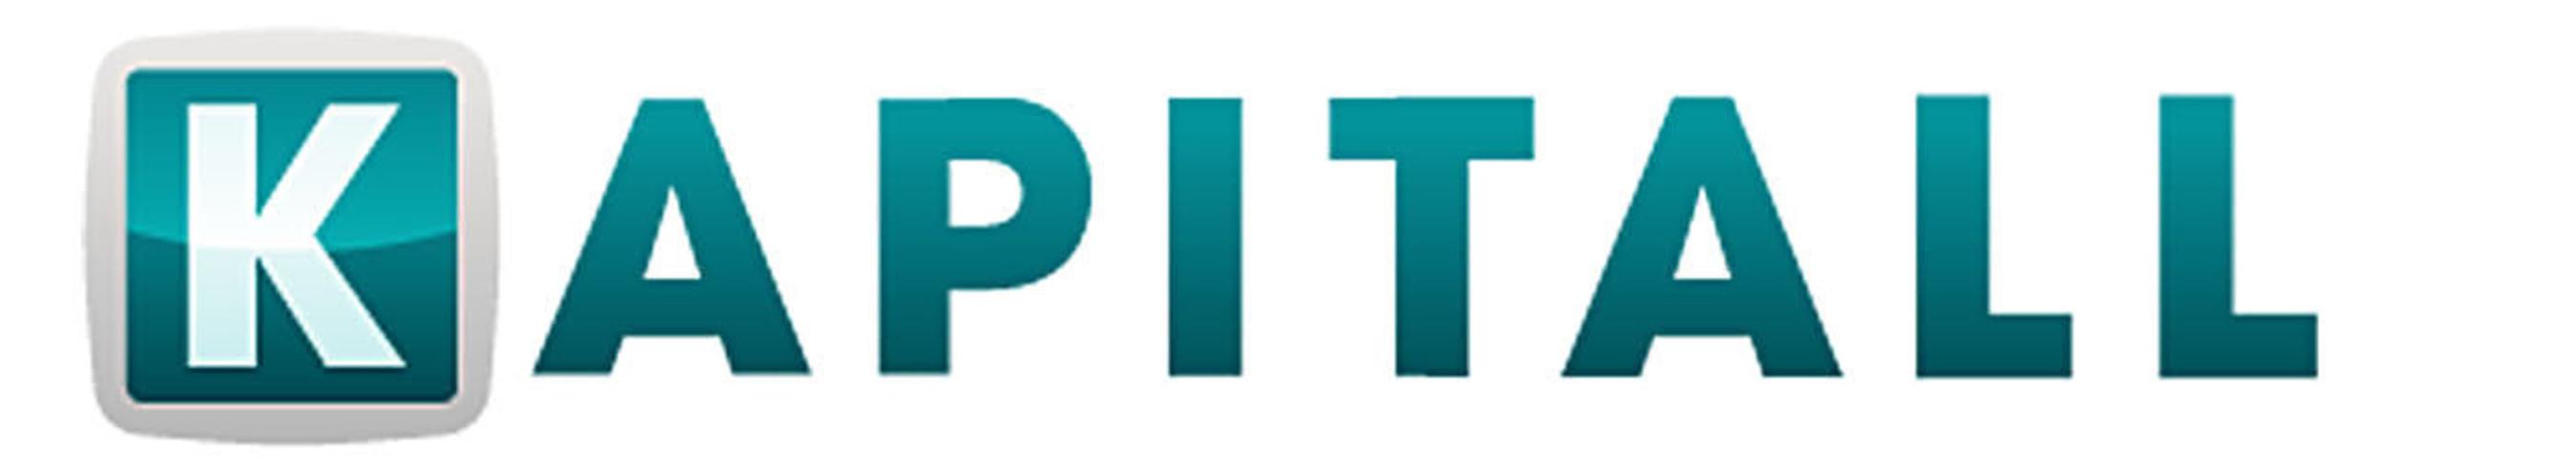 Kapitall ( www.kapitall.com ). (PRNewsFoto/Kapitall) (PRNewsFoto/)